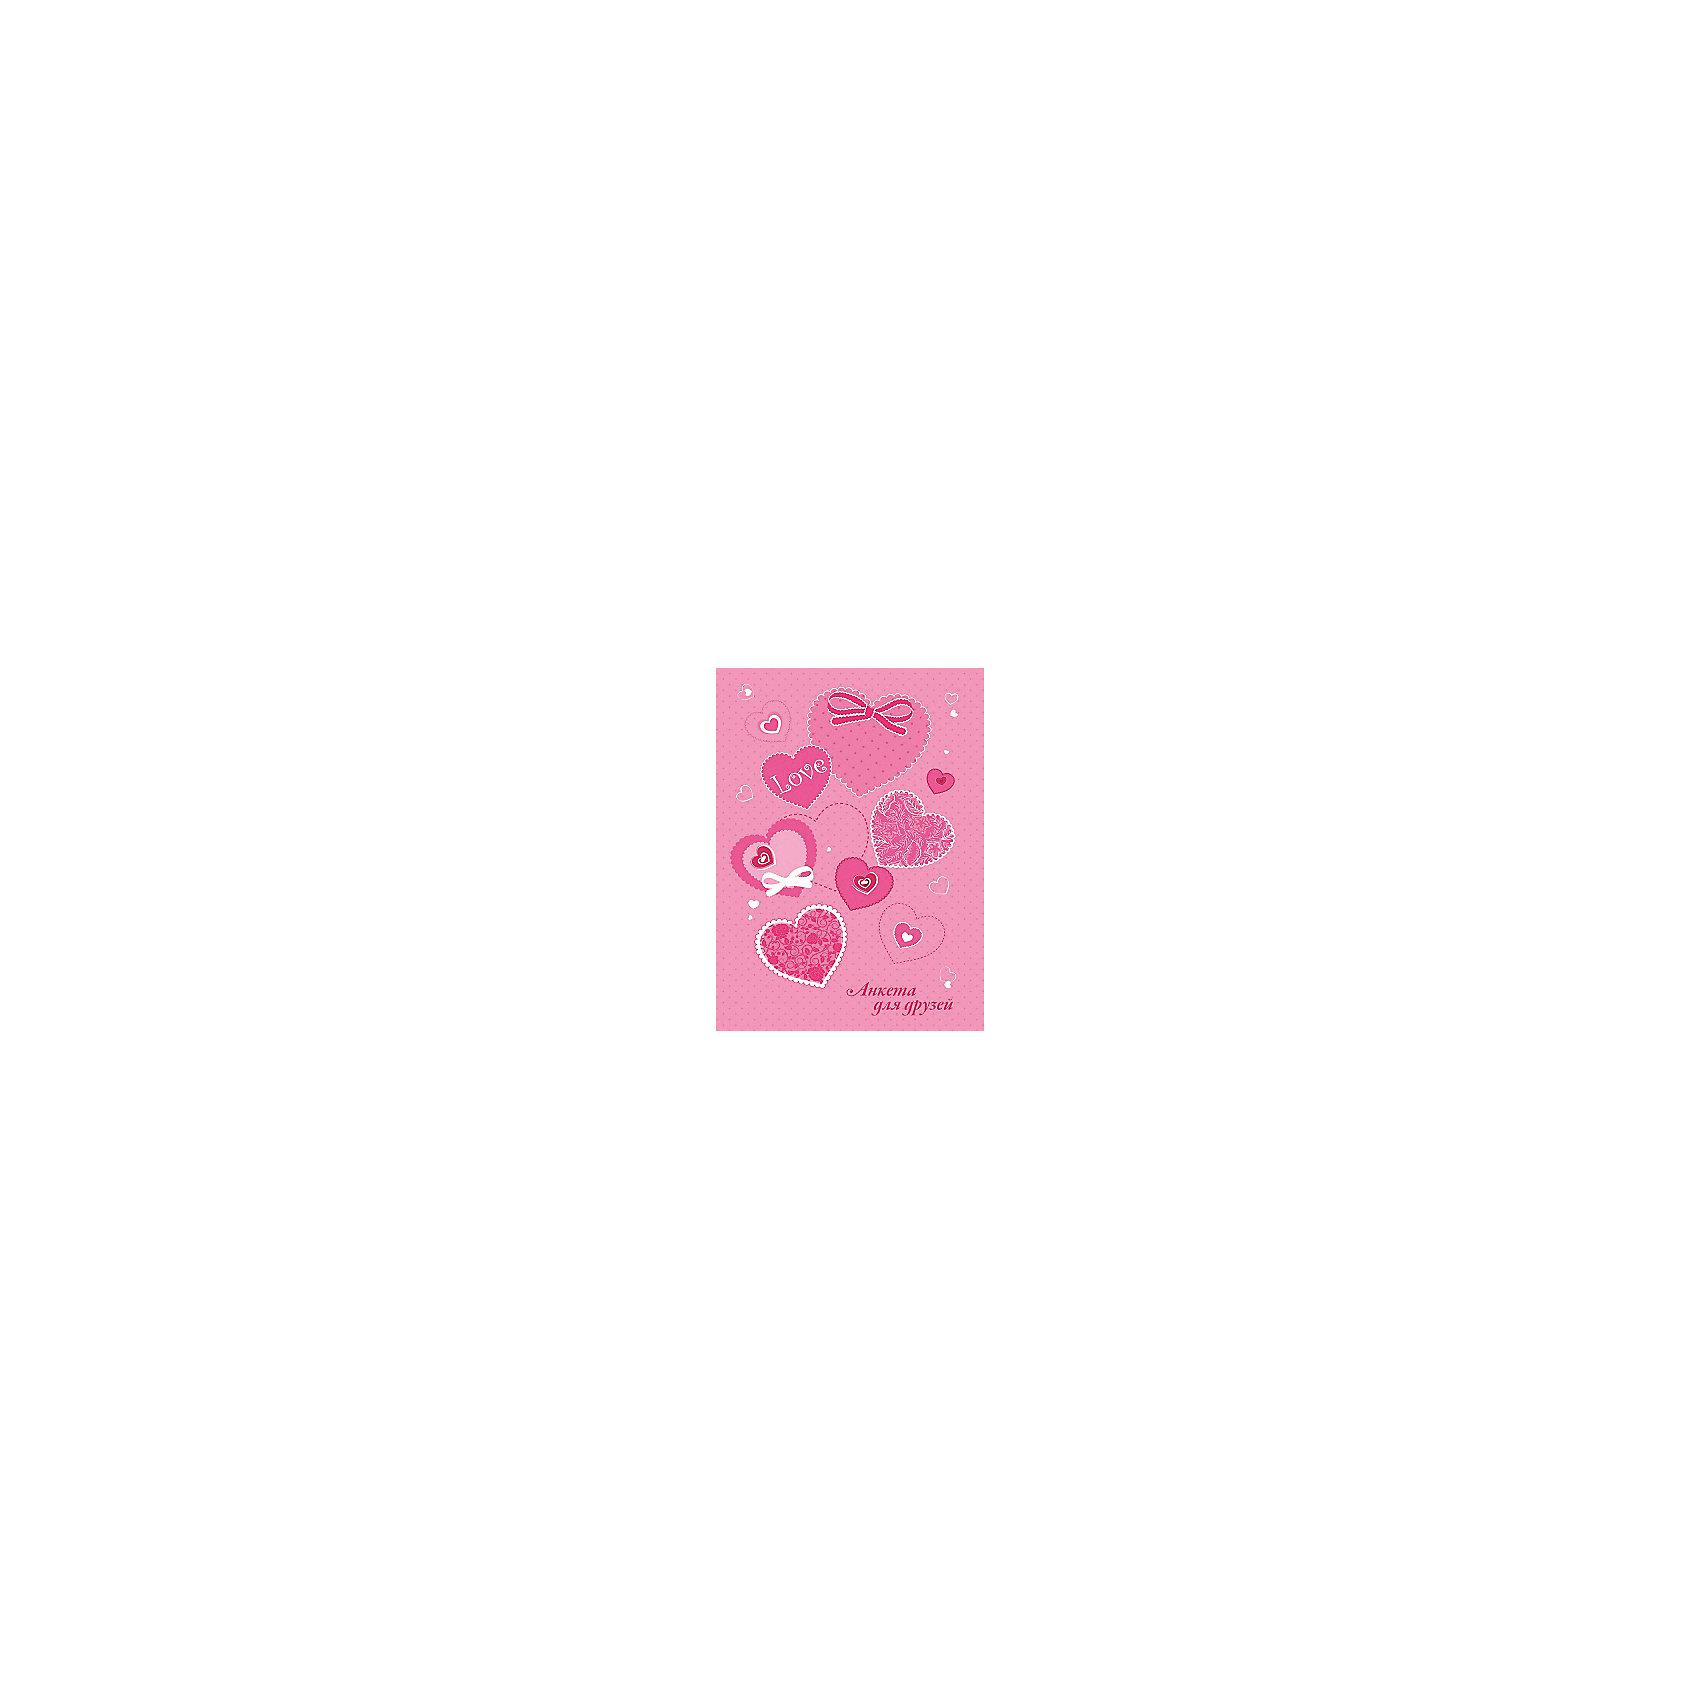 Анкета для друзей СердечкиКрасочный и очень милая дневник-анкета для друзей точно понравится Вашей малышке!<br>Ведь в нее можно записывать все самое сокровенное, а так же хранить контакты и адреса самых близких.<br><br>Дополнительная информация:<br><br>- Возраст: от 6 лет.<br>- Издательство: Феникс.<br>- 256 страниц.<br>- Формат: 14,5х 20,5 см.<br>-  Переплет: твердый.<br>- ISBN: 4606008349699.<br>- Размер упаковки: 20,5х14,5х1,5 см.<br>- Вес в упаковке: 351 г. <br><br>Купить анкету для друзей Сердечки можно в нашем магазине.<br><br>Ширина мм: 205<br>Глубина мм: 145<br>Высота мм: 15<br>Вес г: 351<br>Возраст от месяцев: 72<br>Возраст до месяцев: 2147483647<br>Пол: Женский<br>Возраст: Детский<br>SKU: 4943470